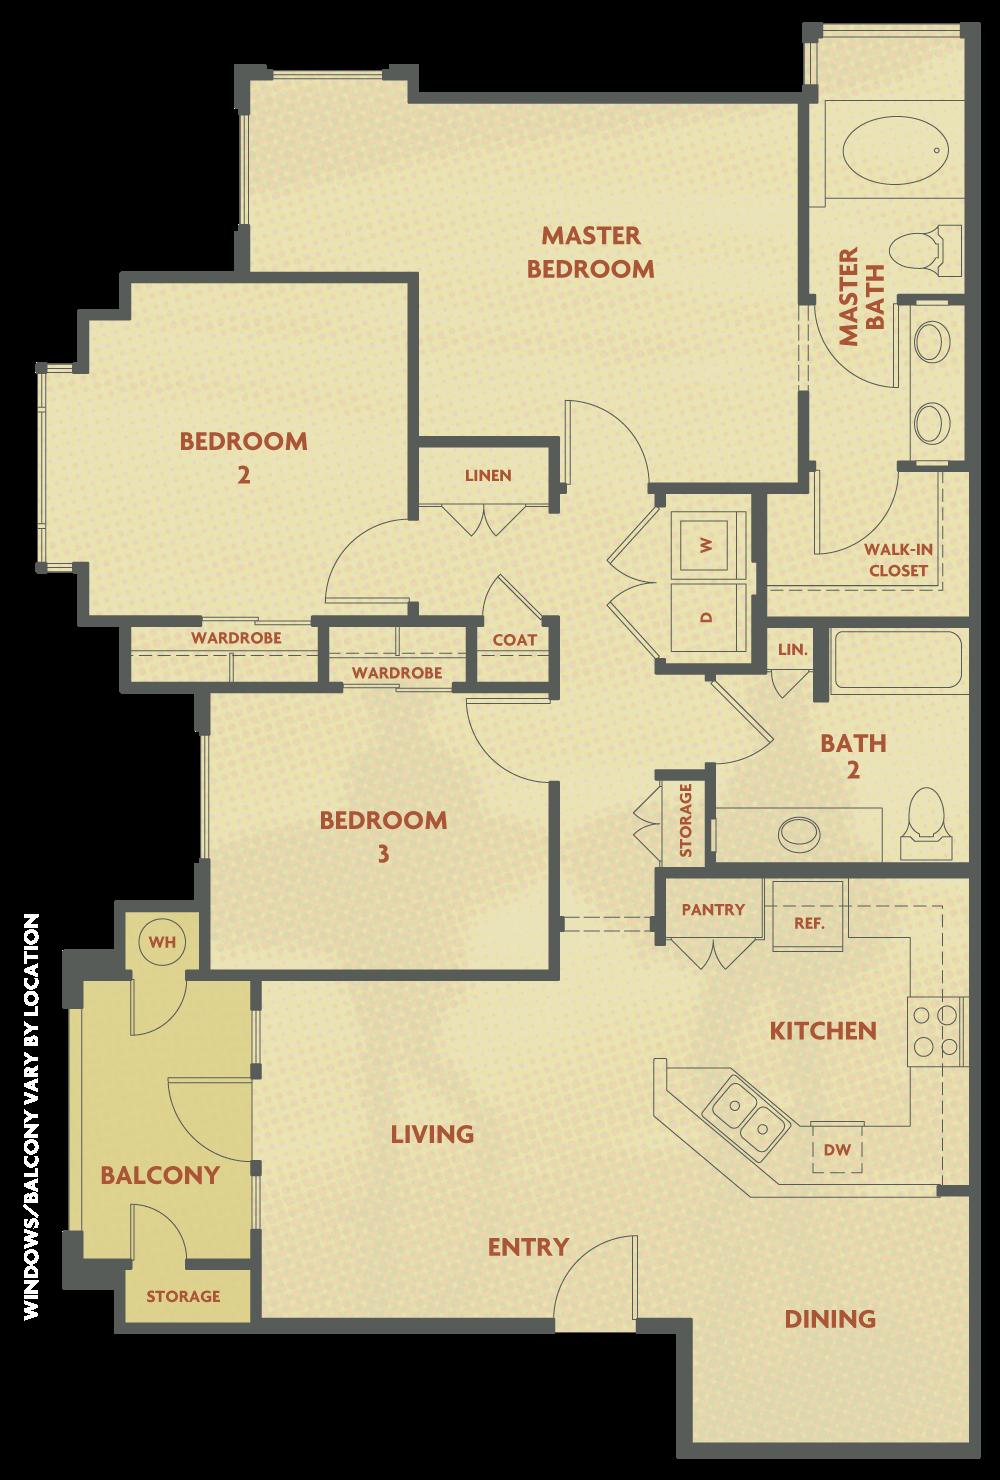 Plan C - 3 Bedroom , 2 Bath Floor Plan